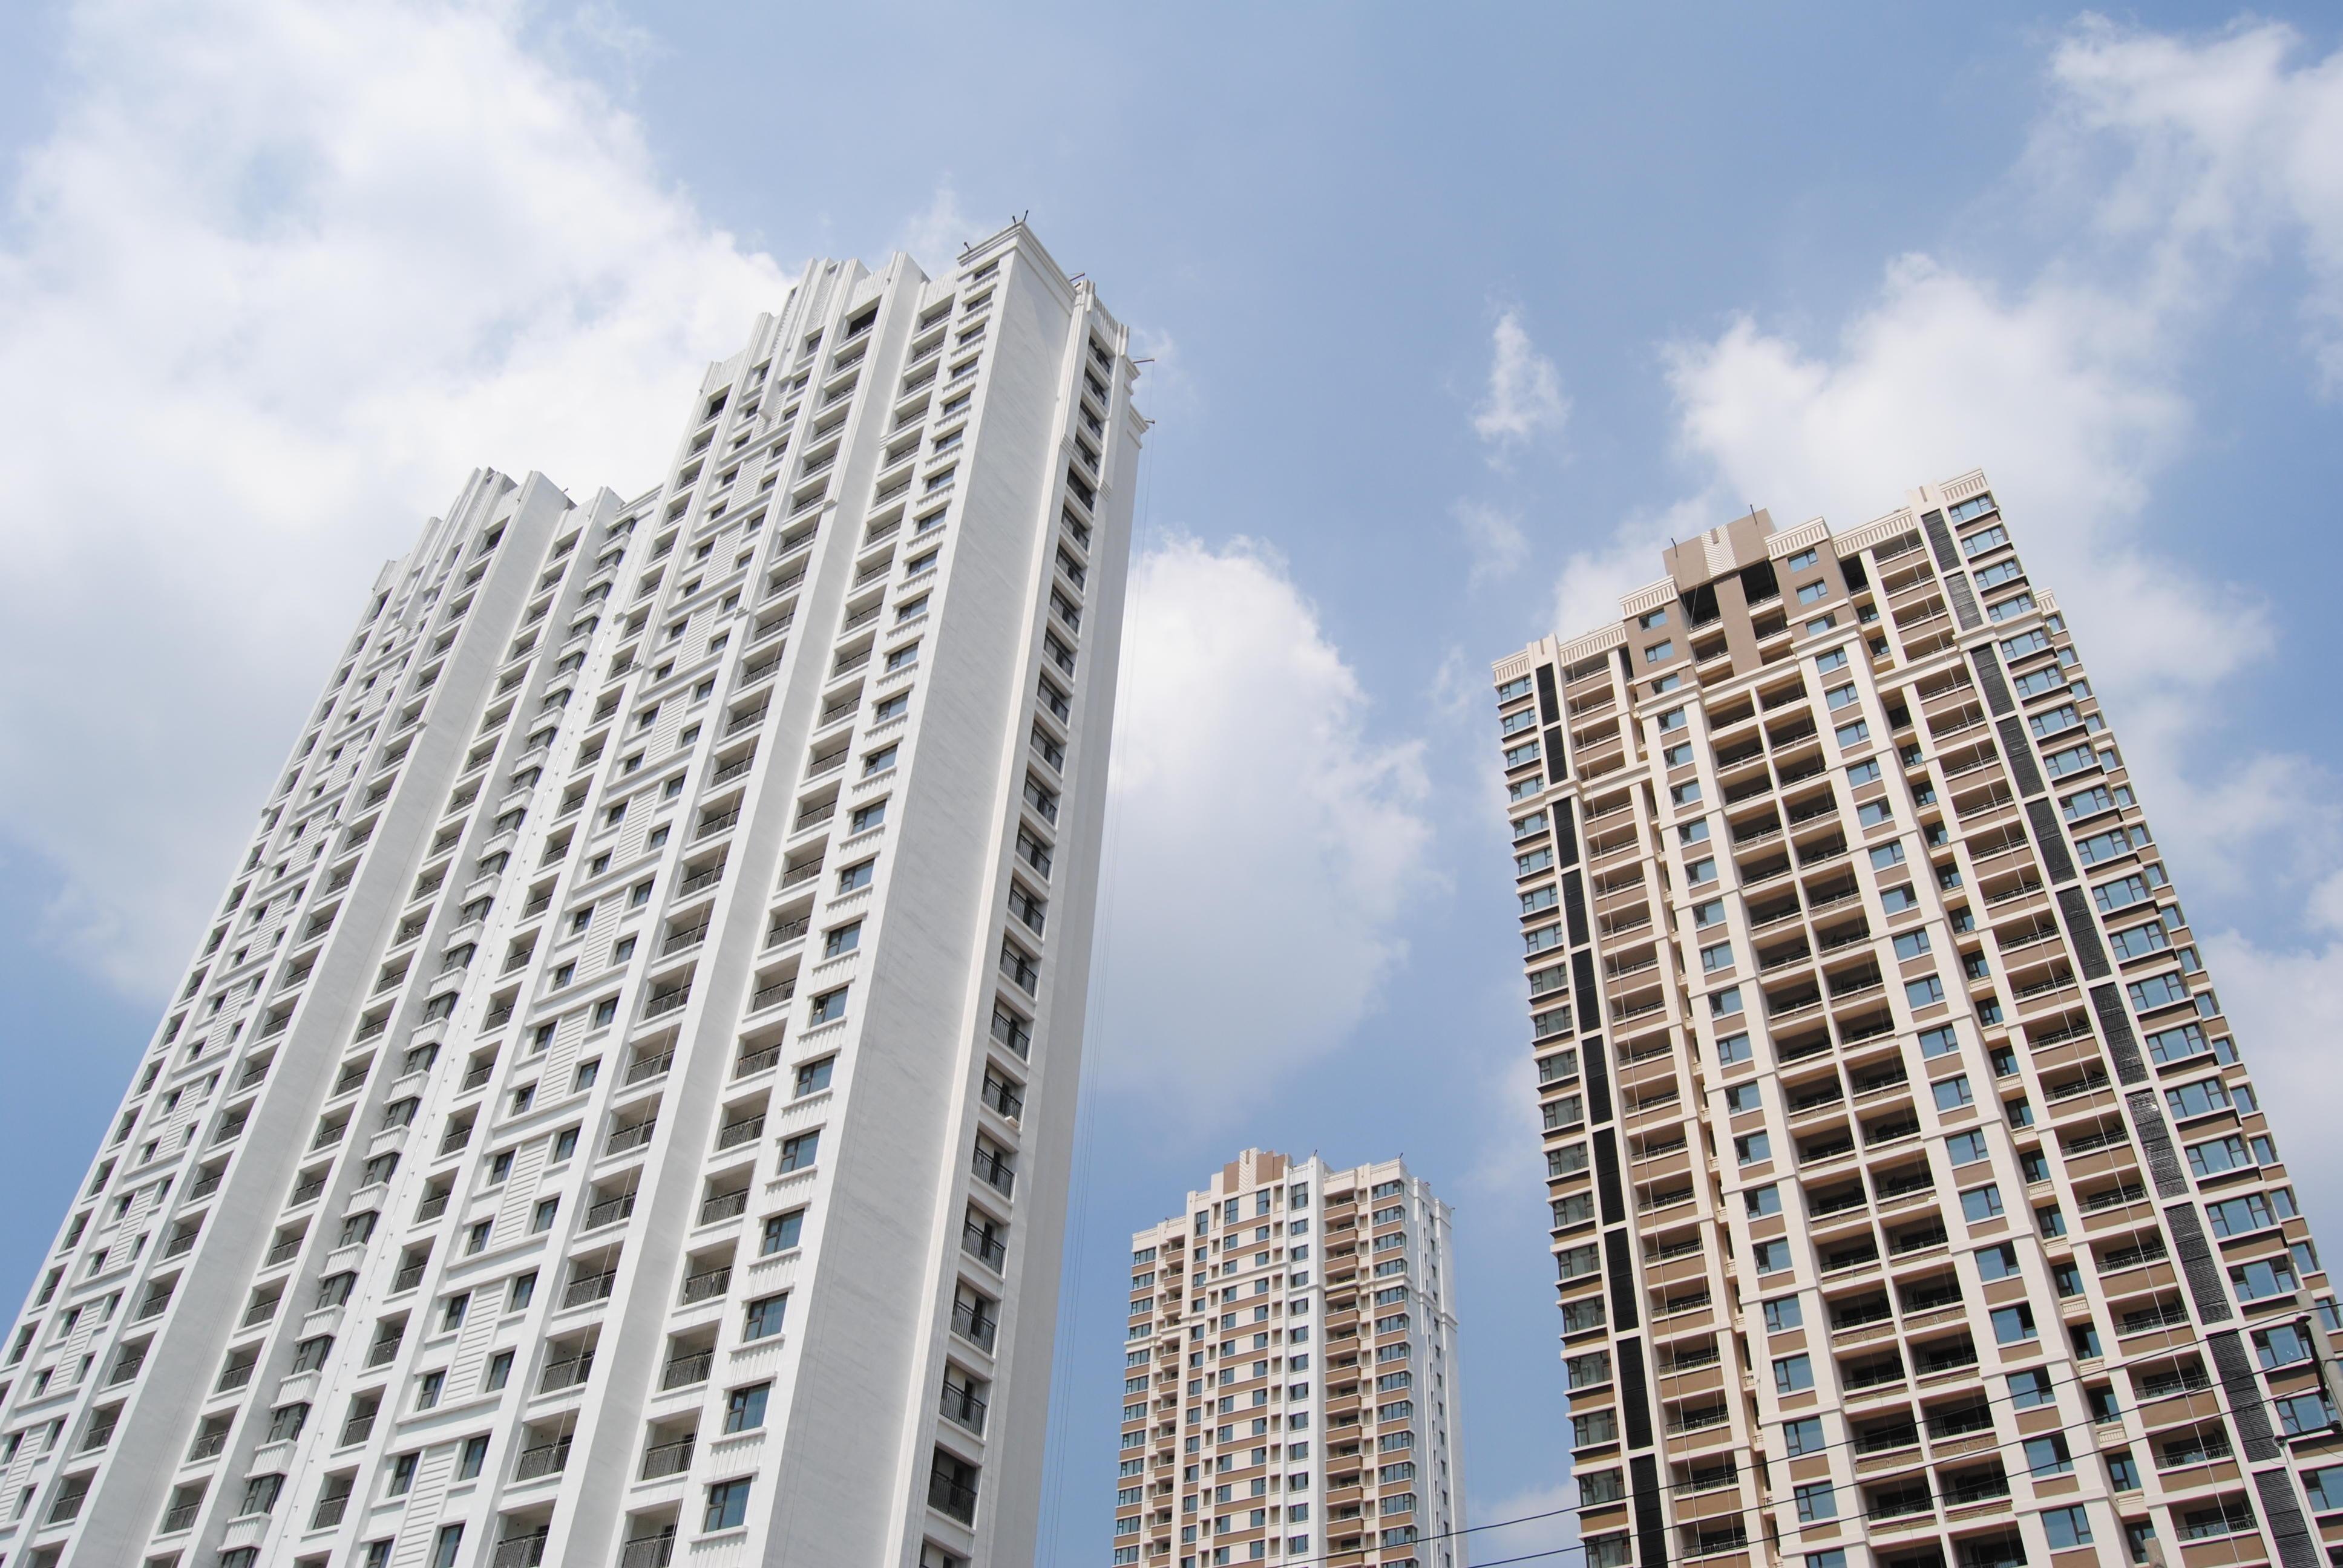 集合信托规模持续下滑 9月房地产类信托募集资金环减近40%